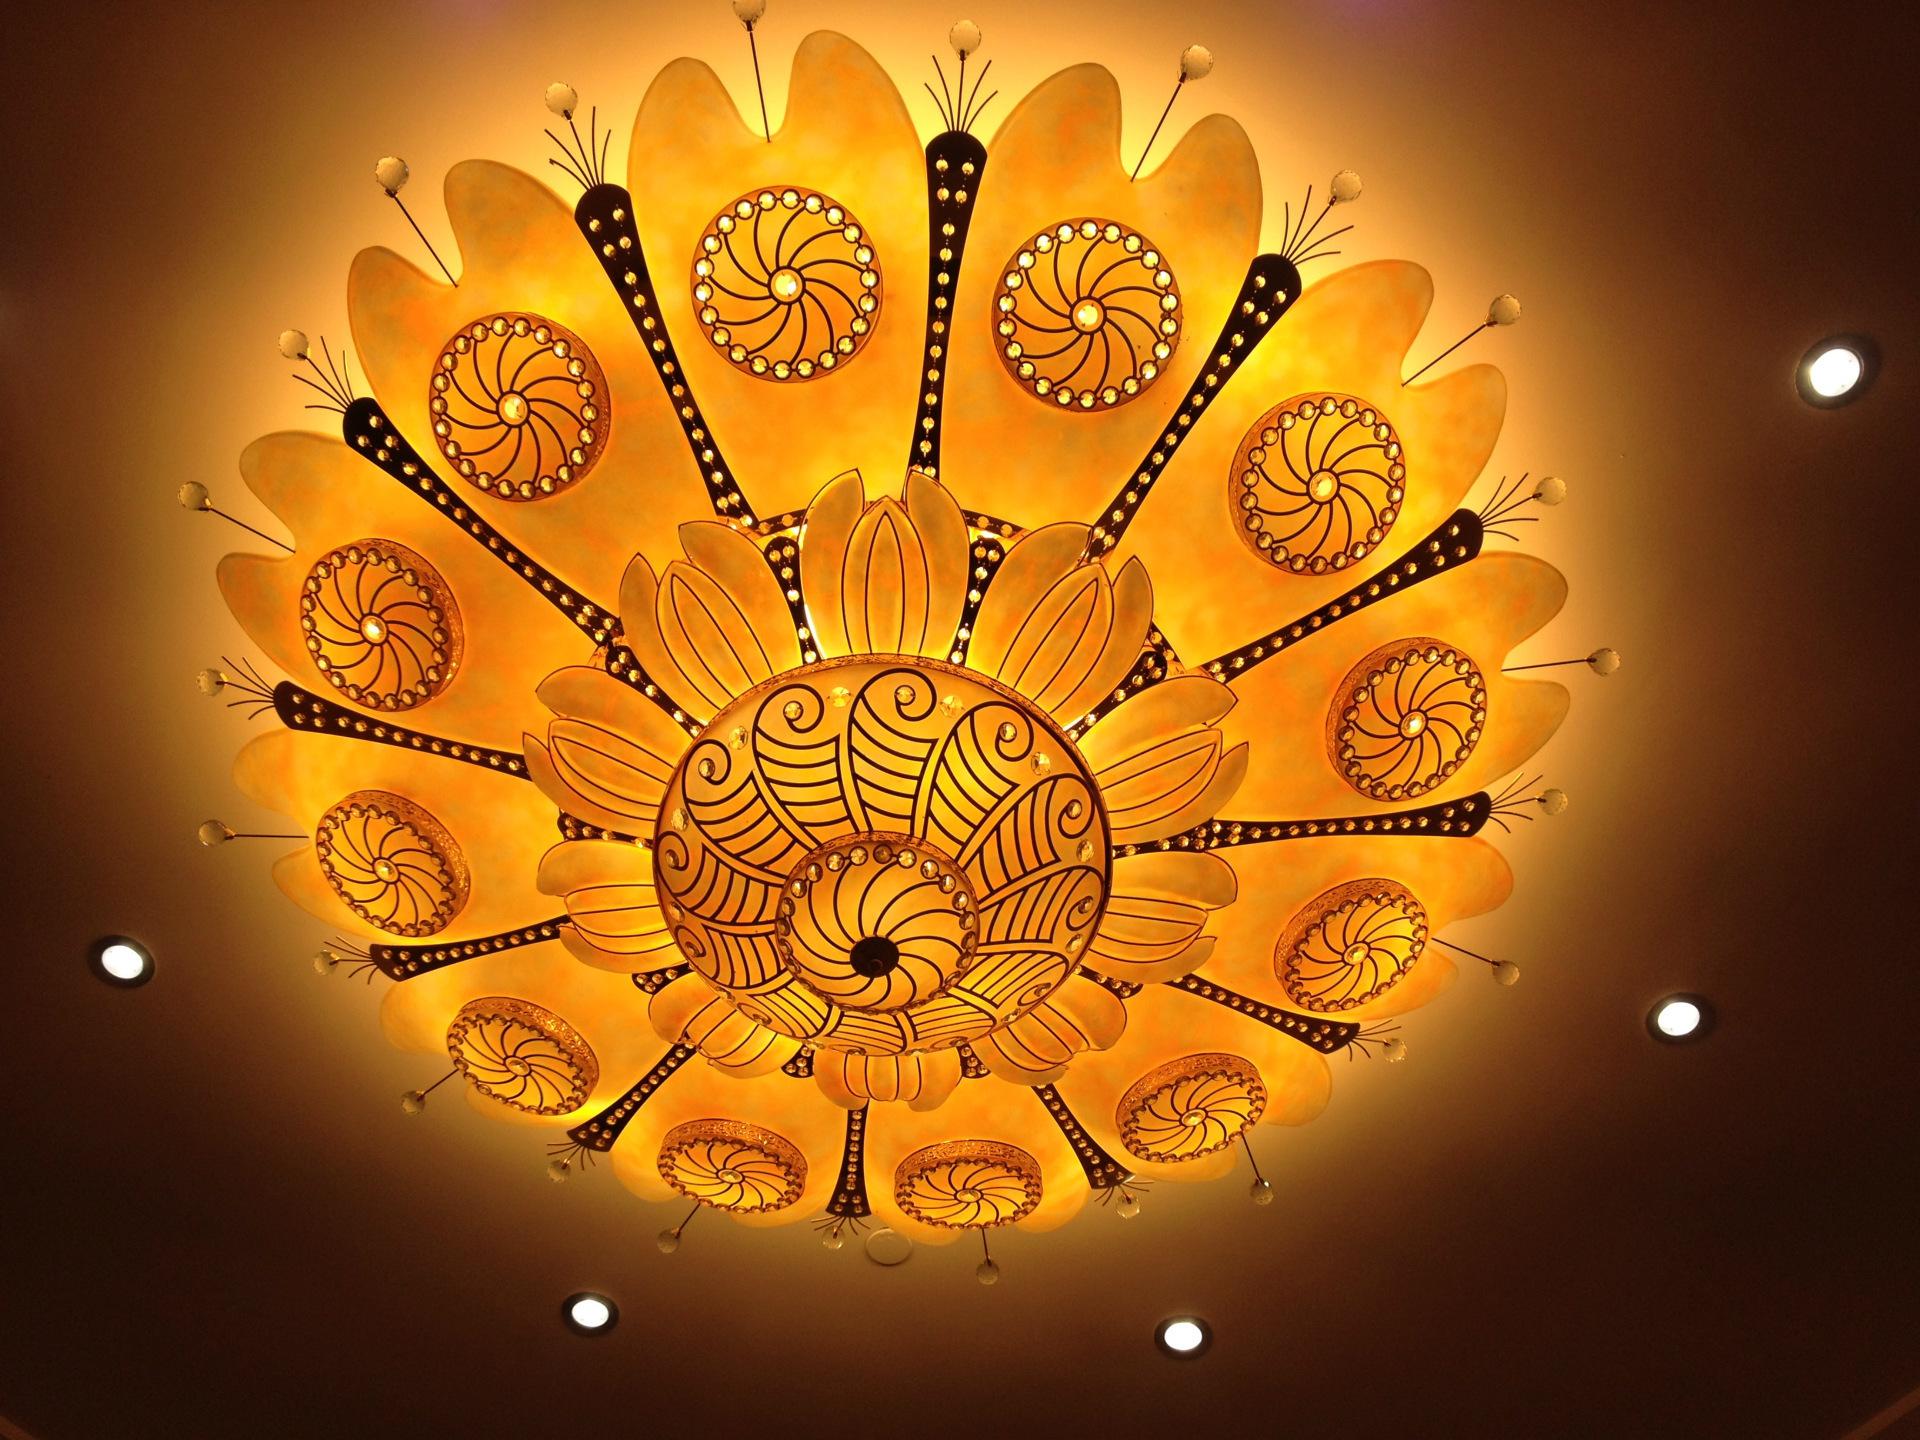 Đèn trang trì Tùy chỉnh VIP, phòng khách sạn hạng sang loại đèn trung tâm kỹ thuật ánh sáng đèn tron